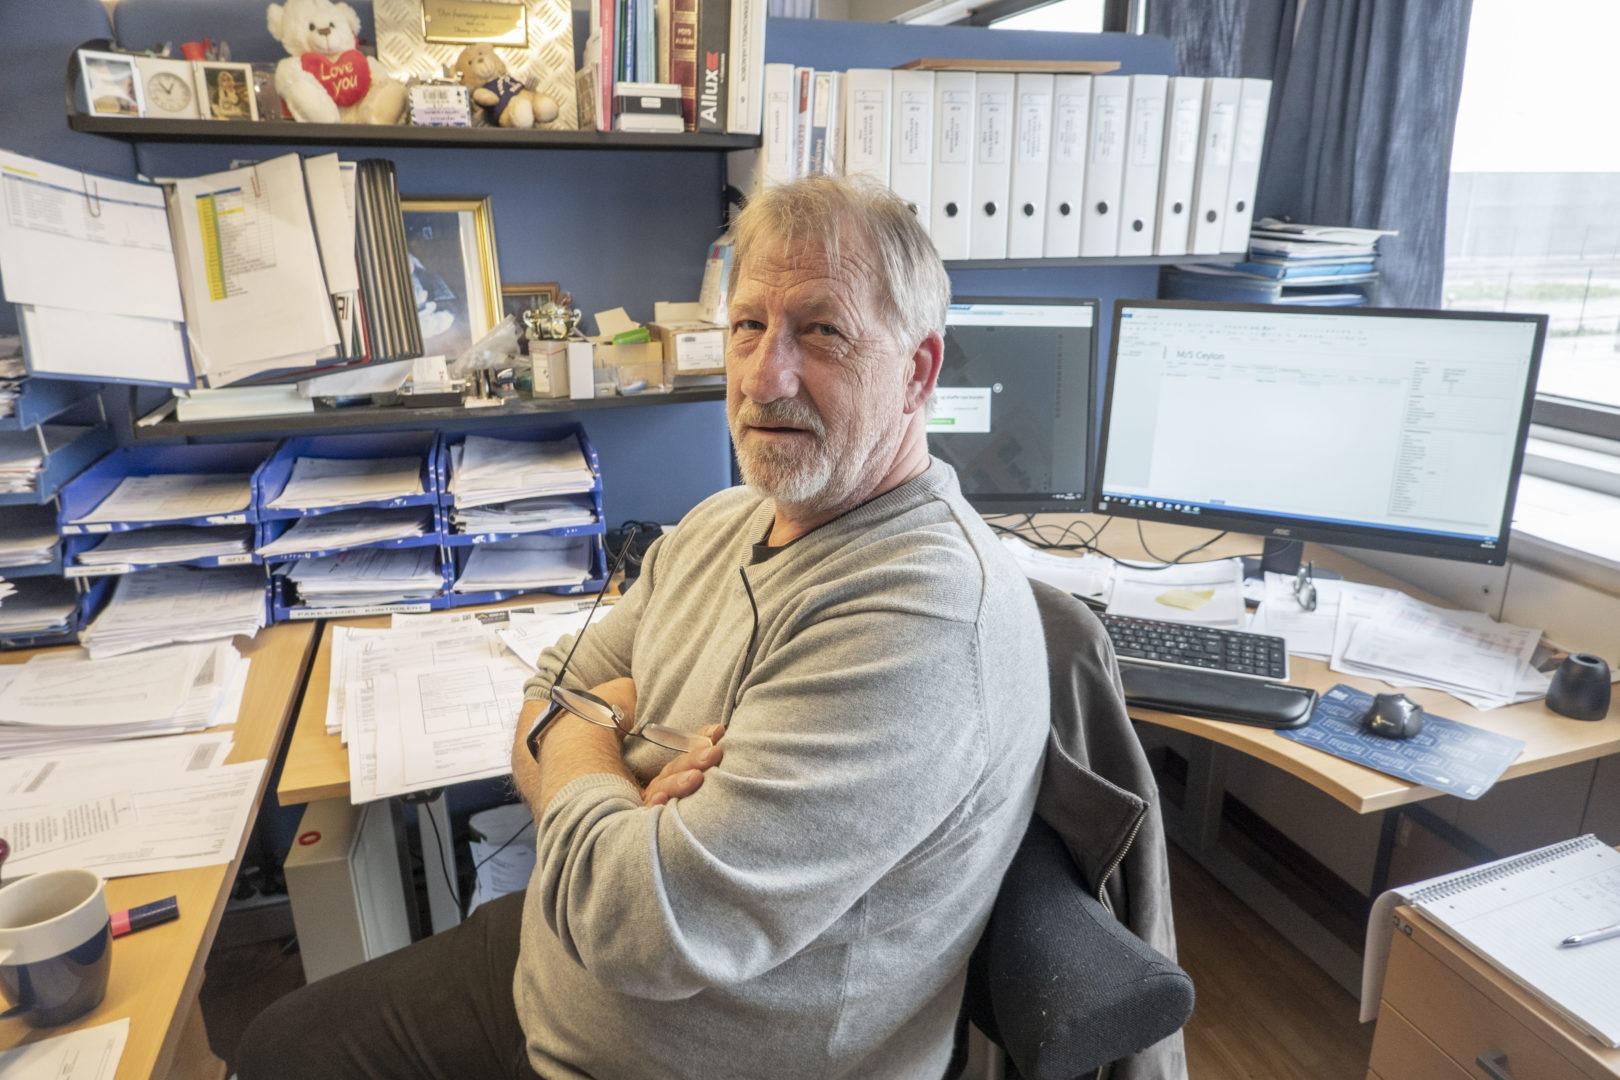 Logistikksjef Tommy Hendricksen ved pulten